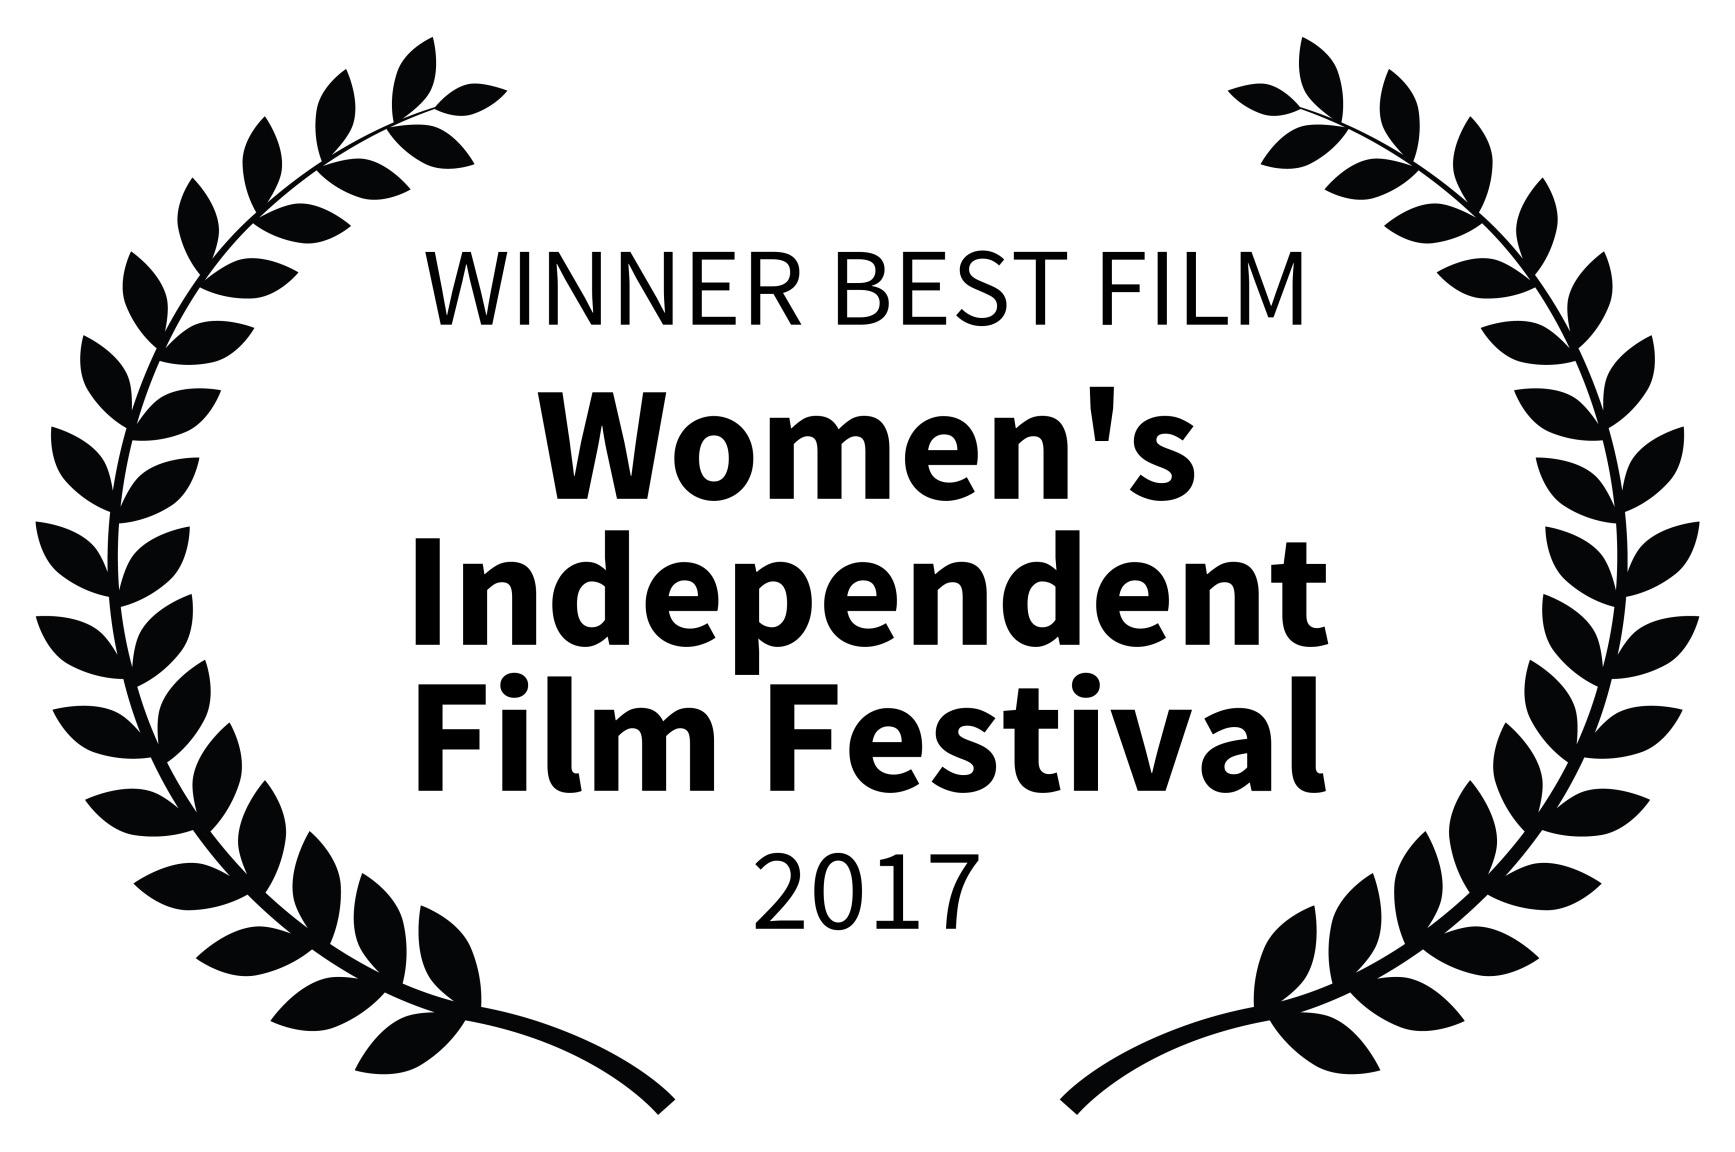 WINNER BEST FILM - Womens Independent Film Festival - 2017.jpg